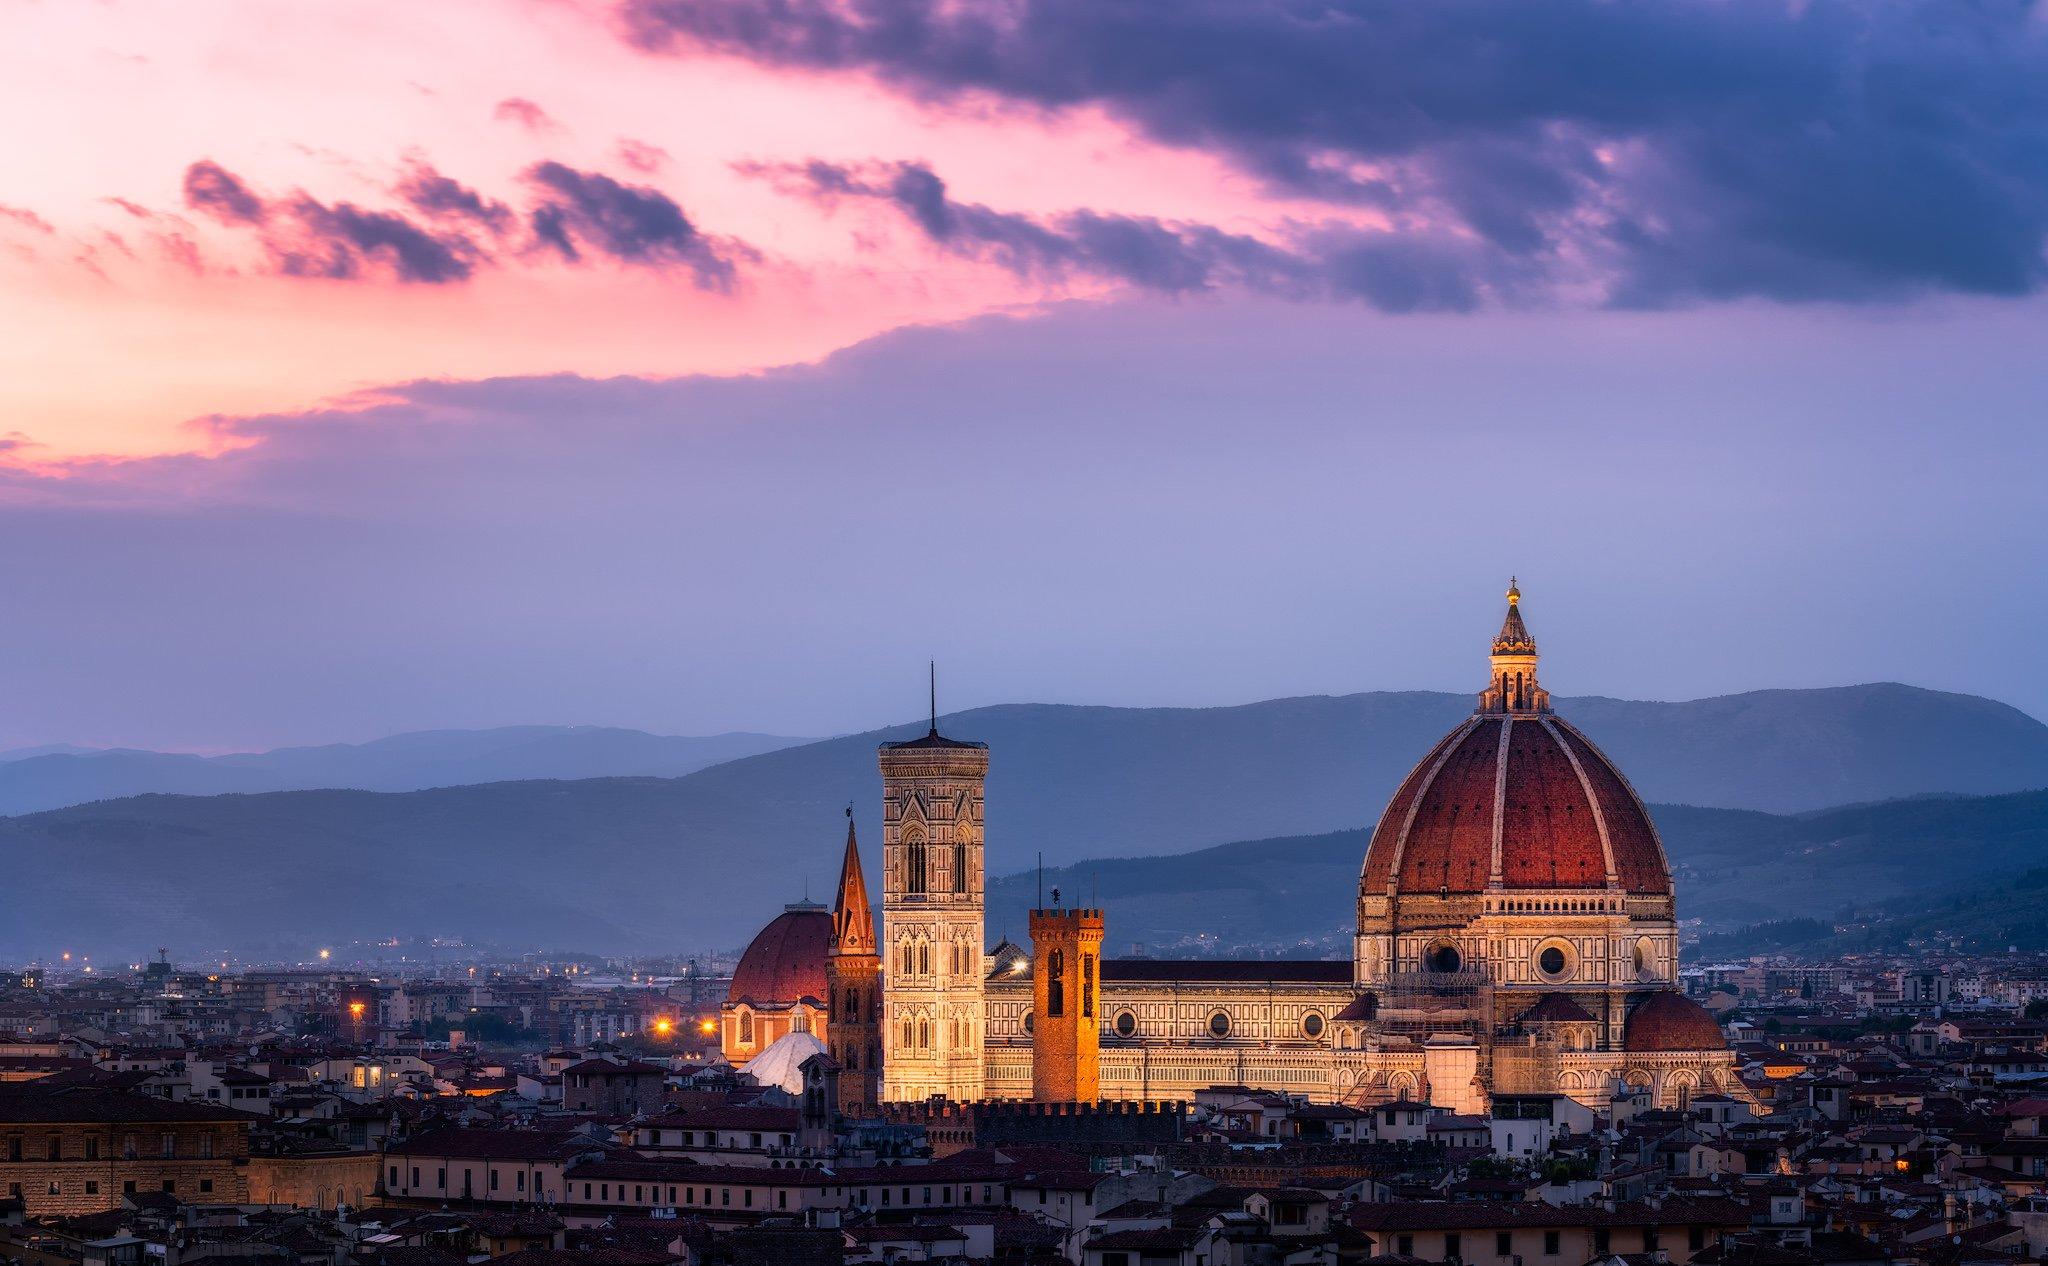 Katedra we Florencji z Duomo Brunelleschi | Florencja, Włochy